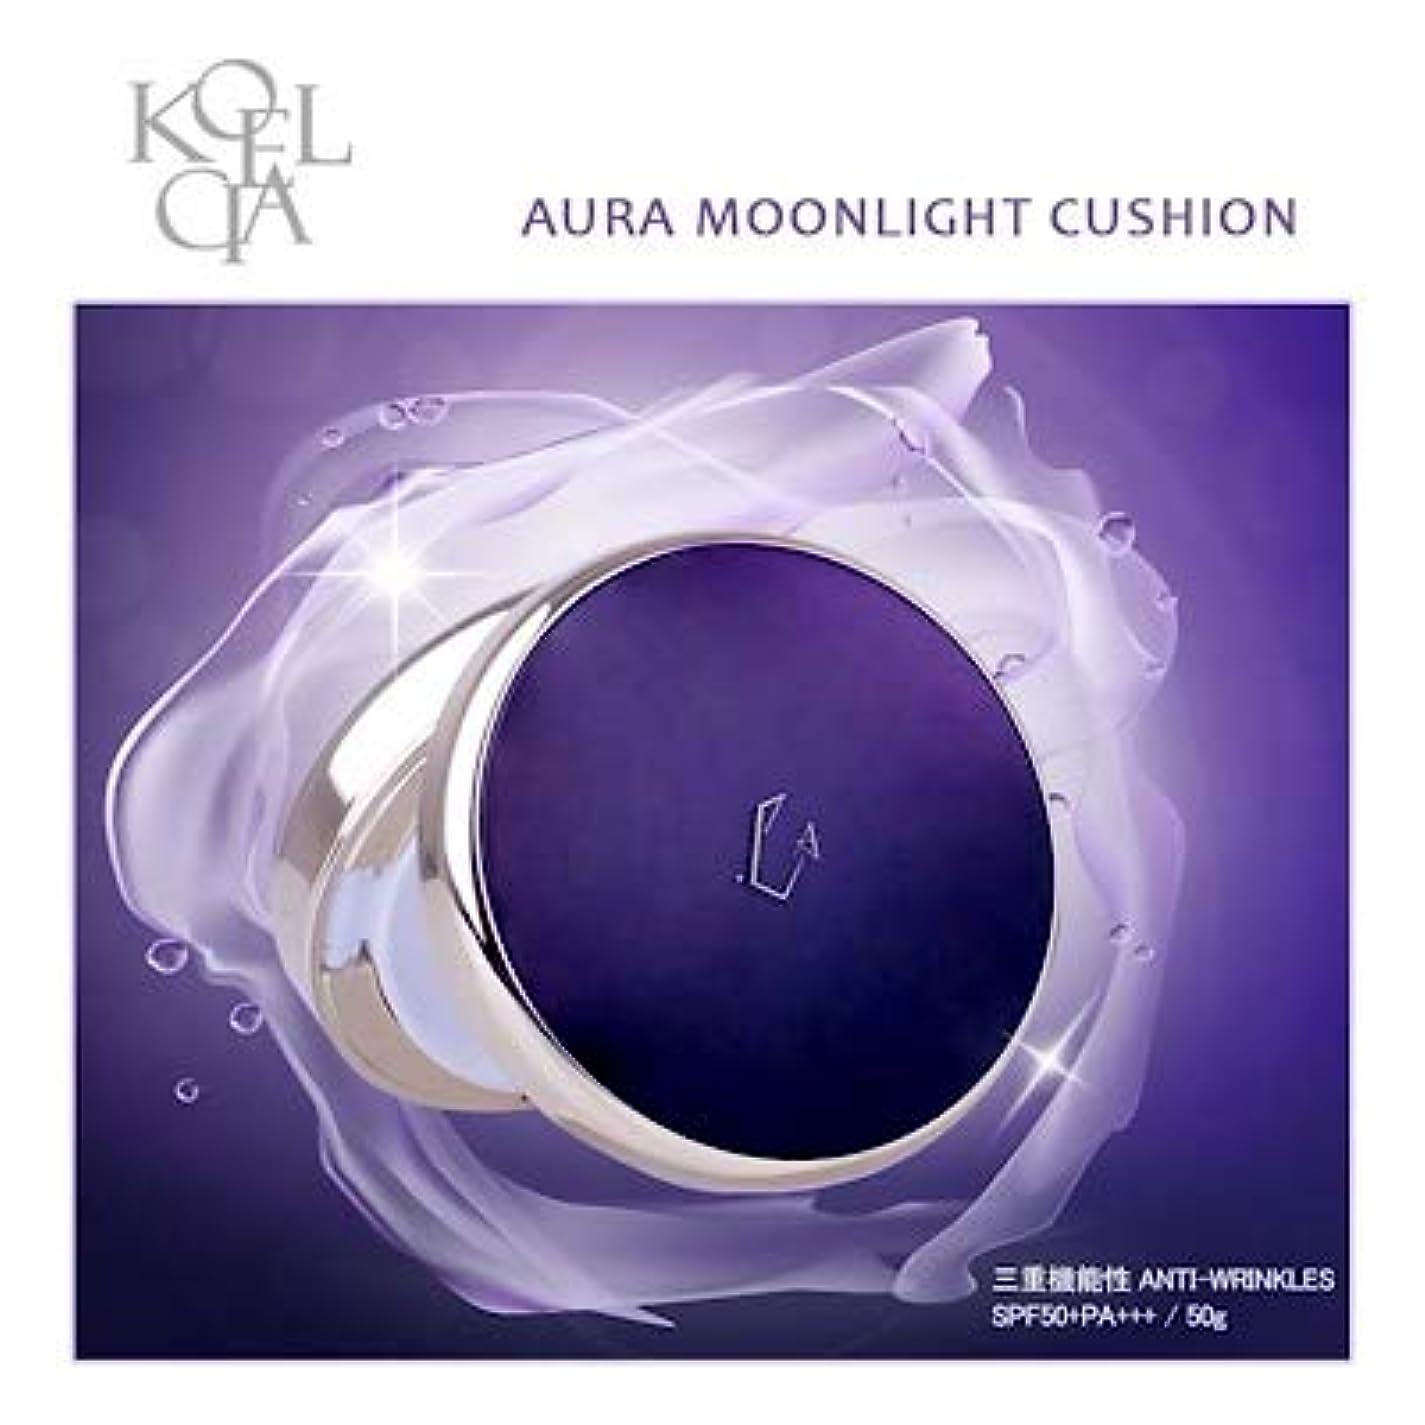 ゲスト小麦タイヤKOELCIA Aura Moonlight Cushion 14g No.21(Light Beige) クッション 三重機能性Anti-Wrinkles(SPF50+PA+++ / 14g)完全新商品!!/Korea Cosmetics